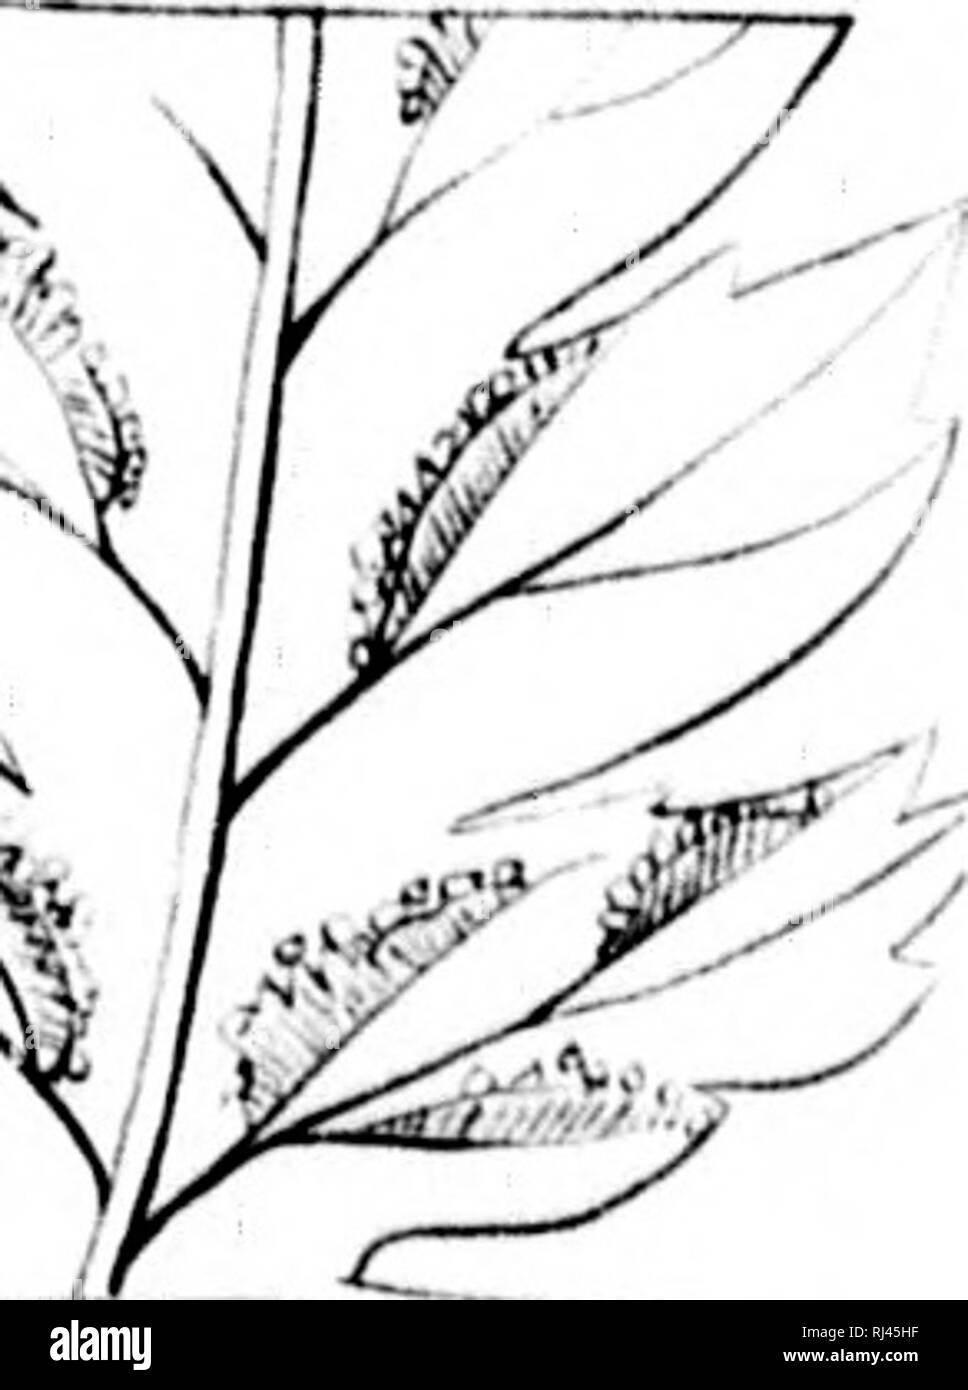 . Les fougères de l'Amérique du Nord [microforme]: les chiffres de couleur et les descriptions, avec la synonymie et de la répartition géographique, des fougères (y compris le ophioglassaceae) des États-Unis d'Amérique et de l'Amérique Britannique du nord des possessions. Fougères; Fougères. Je Pkle,/0 J'^^* S'; 5:--e.; (^ M. Am.jui.ri,: Un fichier .ui Zi donc... Veuillez noter que ces images sont extraites de la page numérisée des images qui peuvent avoir été retouchées numériquement pour plus de lisibilité - coloration et l'aspect de ces illustrations ne peut pas parfaitement ressembler à l'œuvre originale.. Eaton, Daniel Cady, 1834-1895. Salem [Mass. ]: S. E. Cassi Banque D'Images